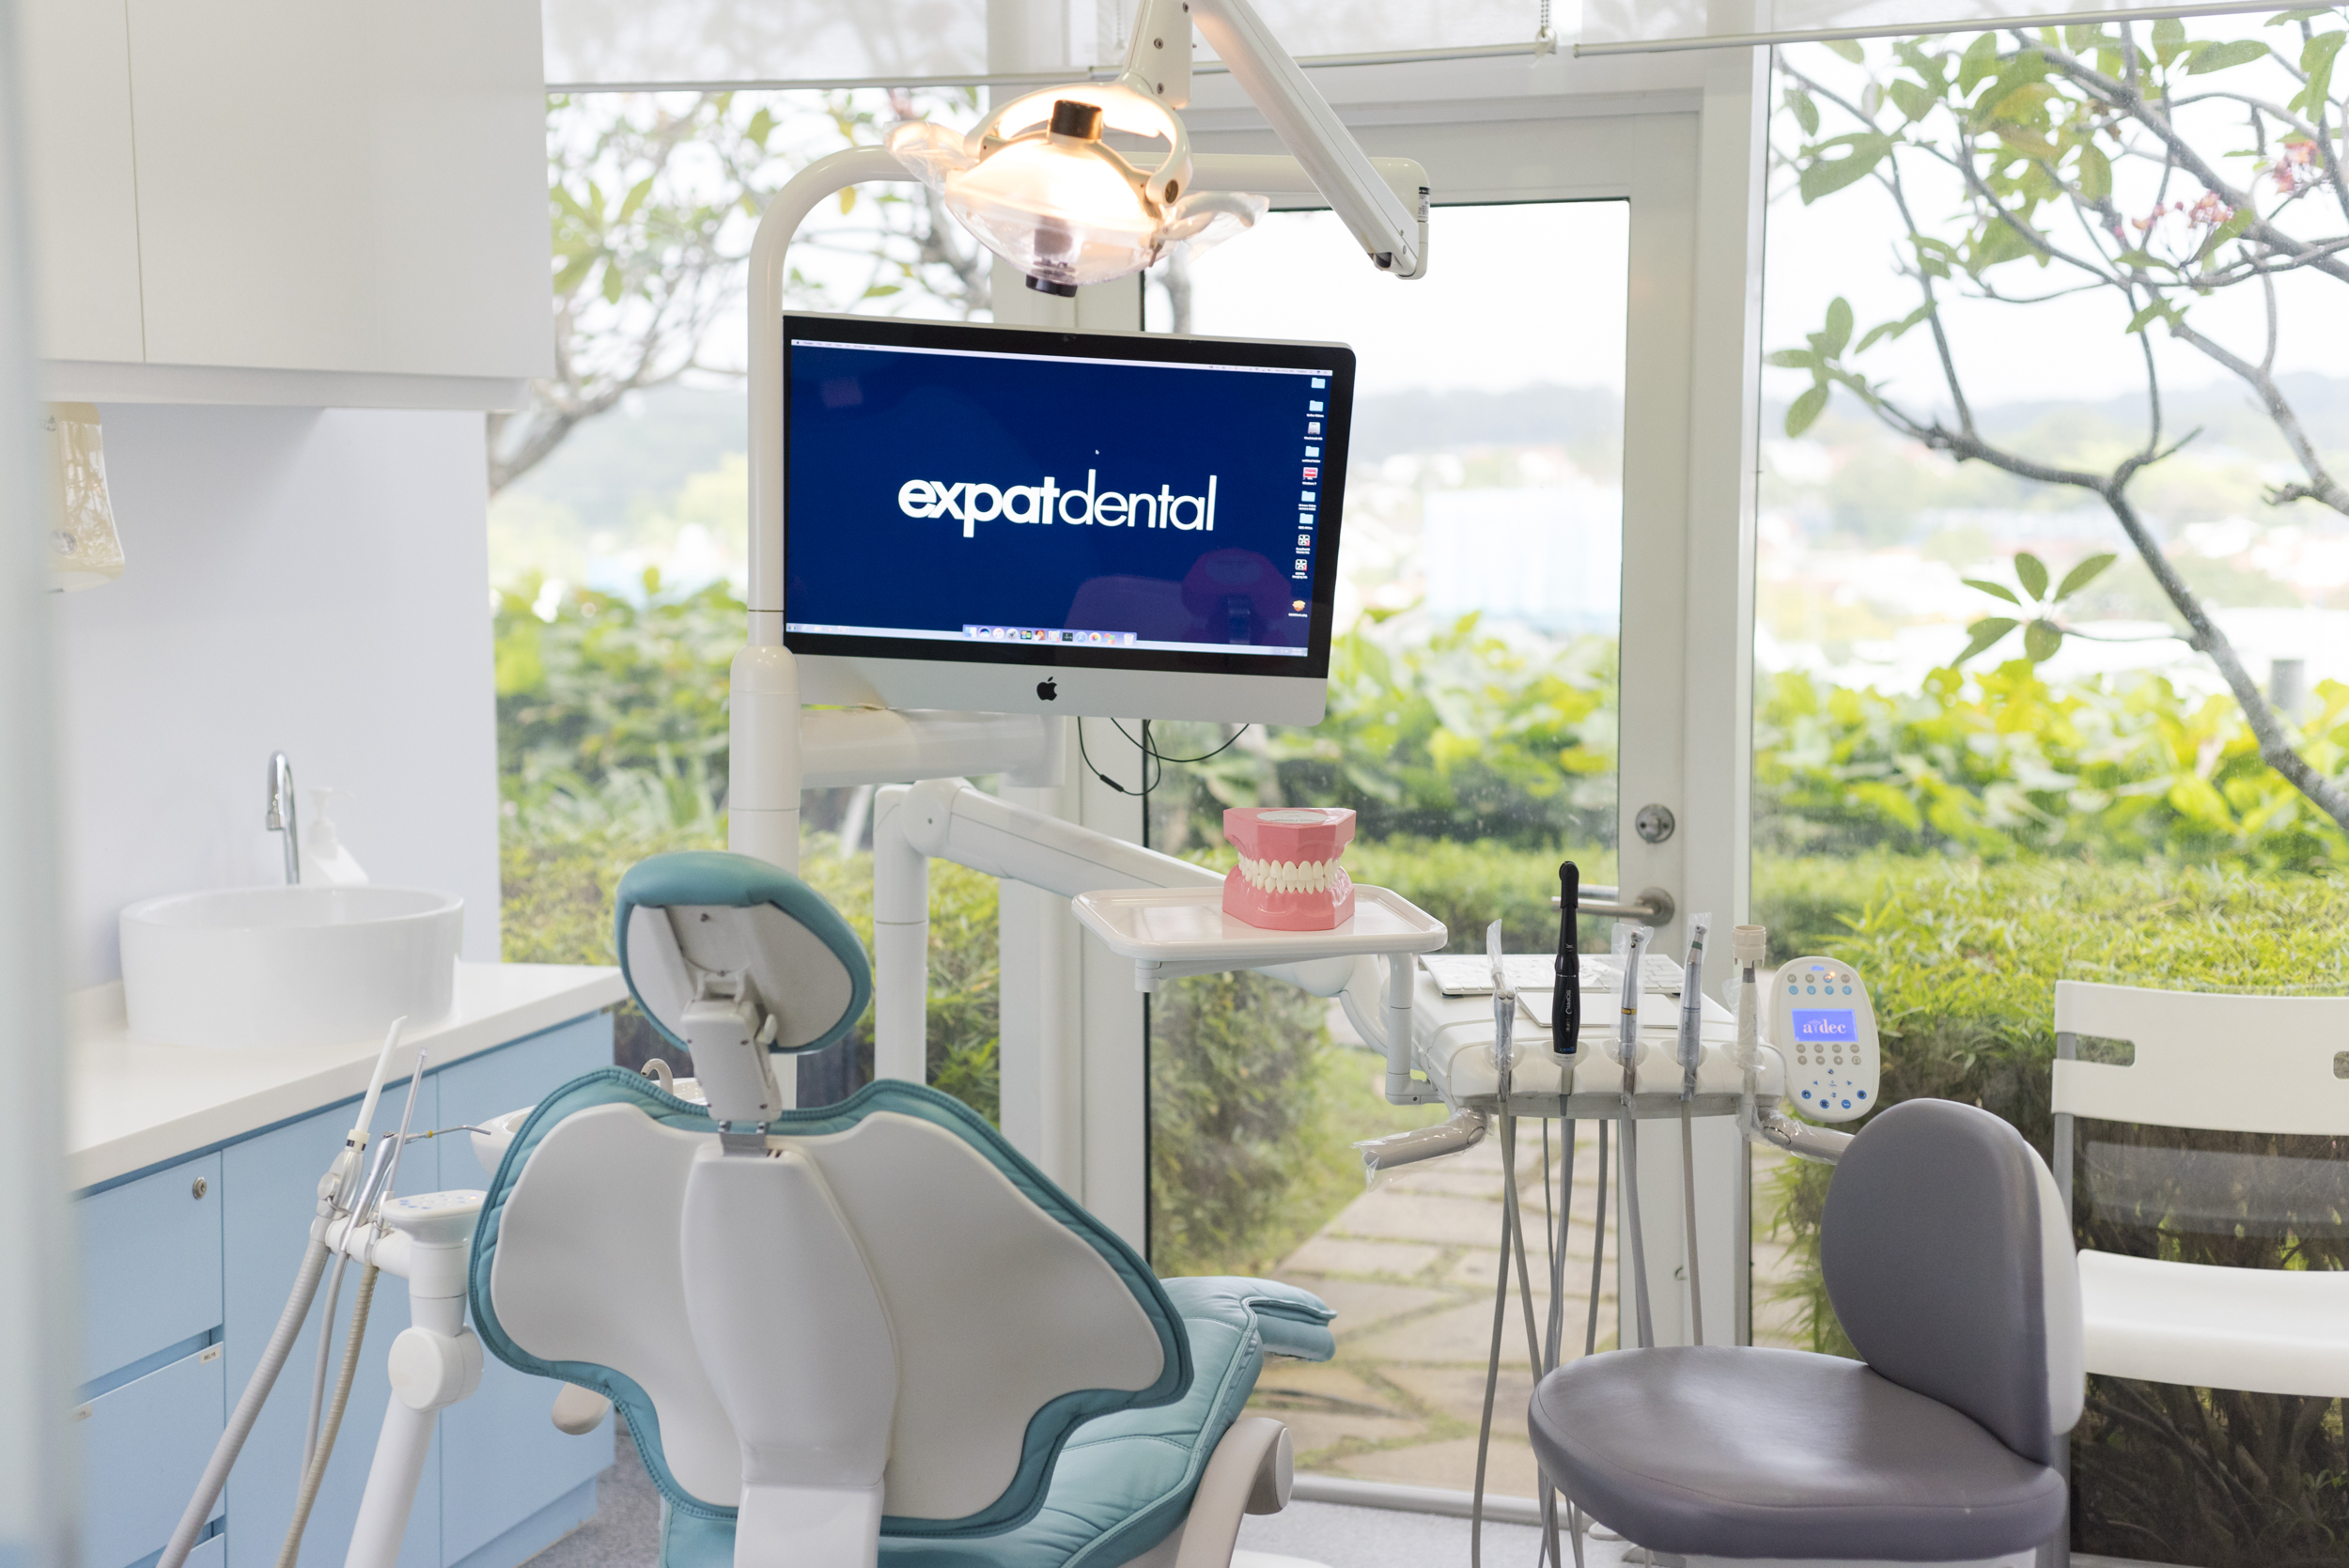 Expat_dental-3112